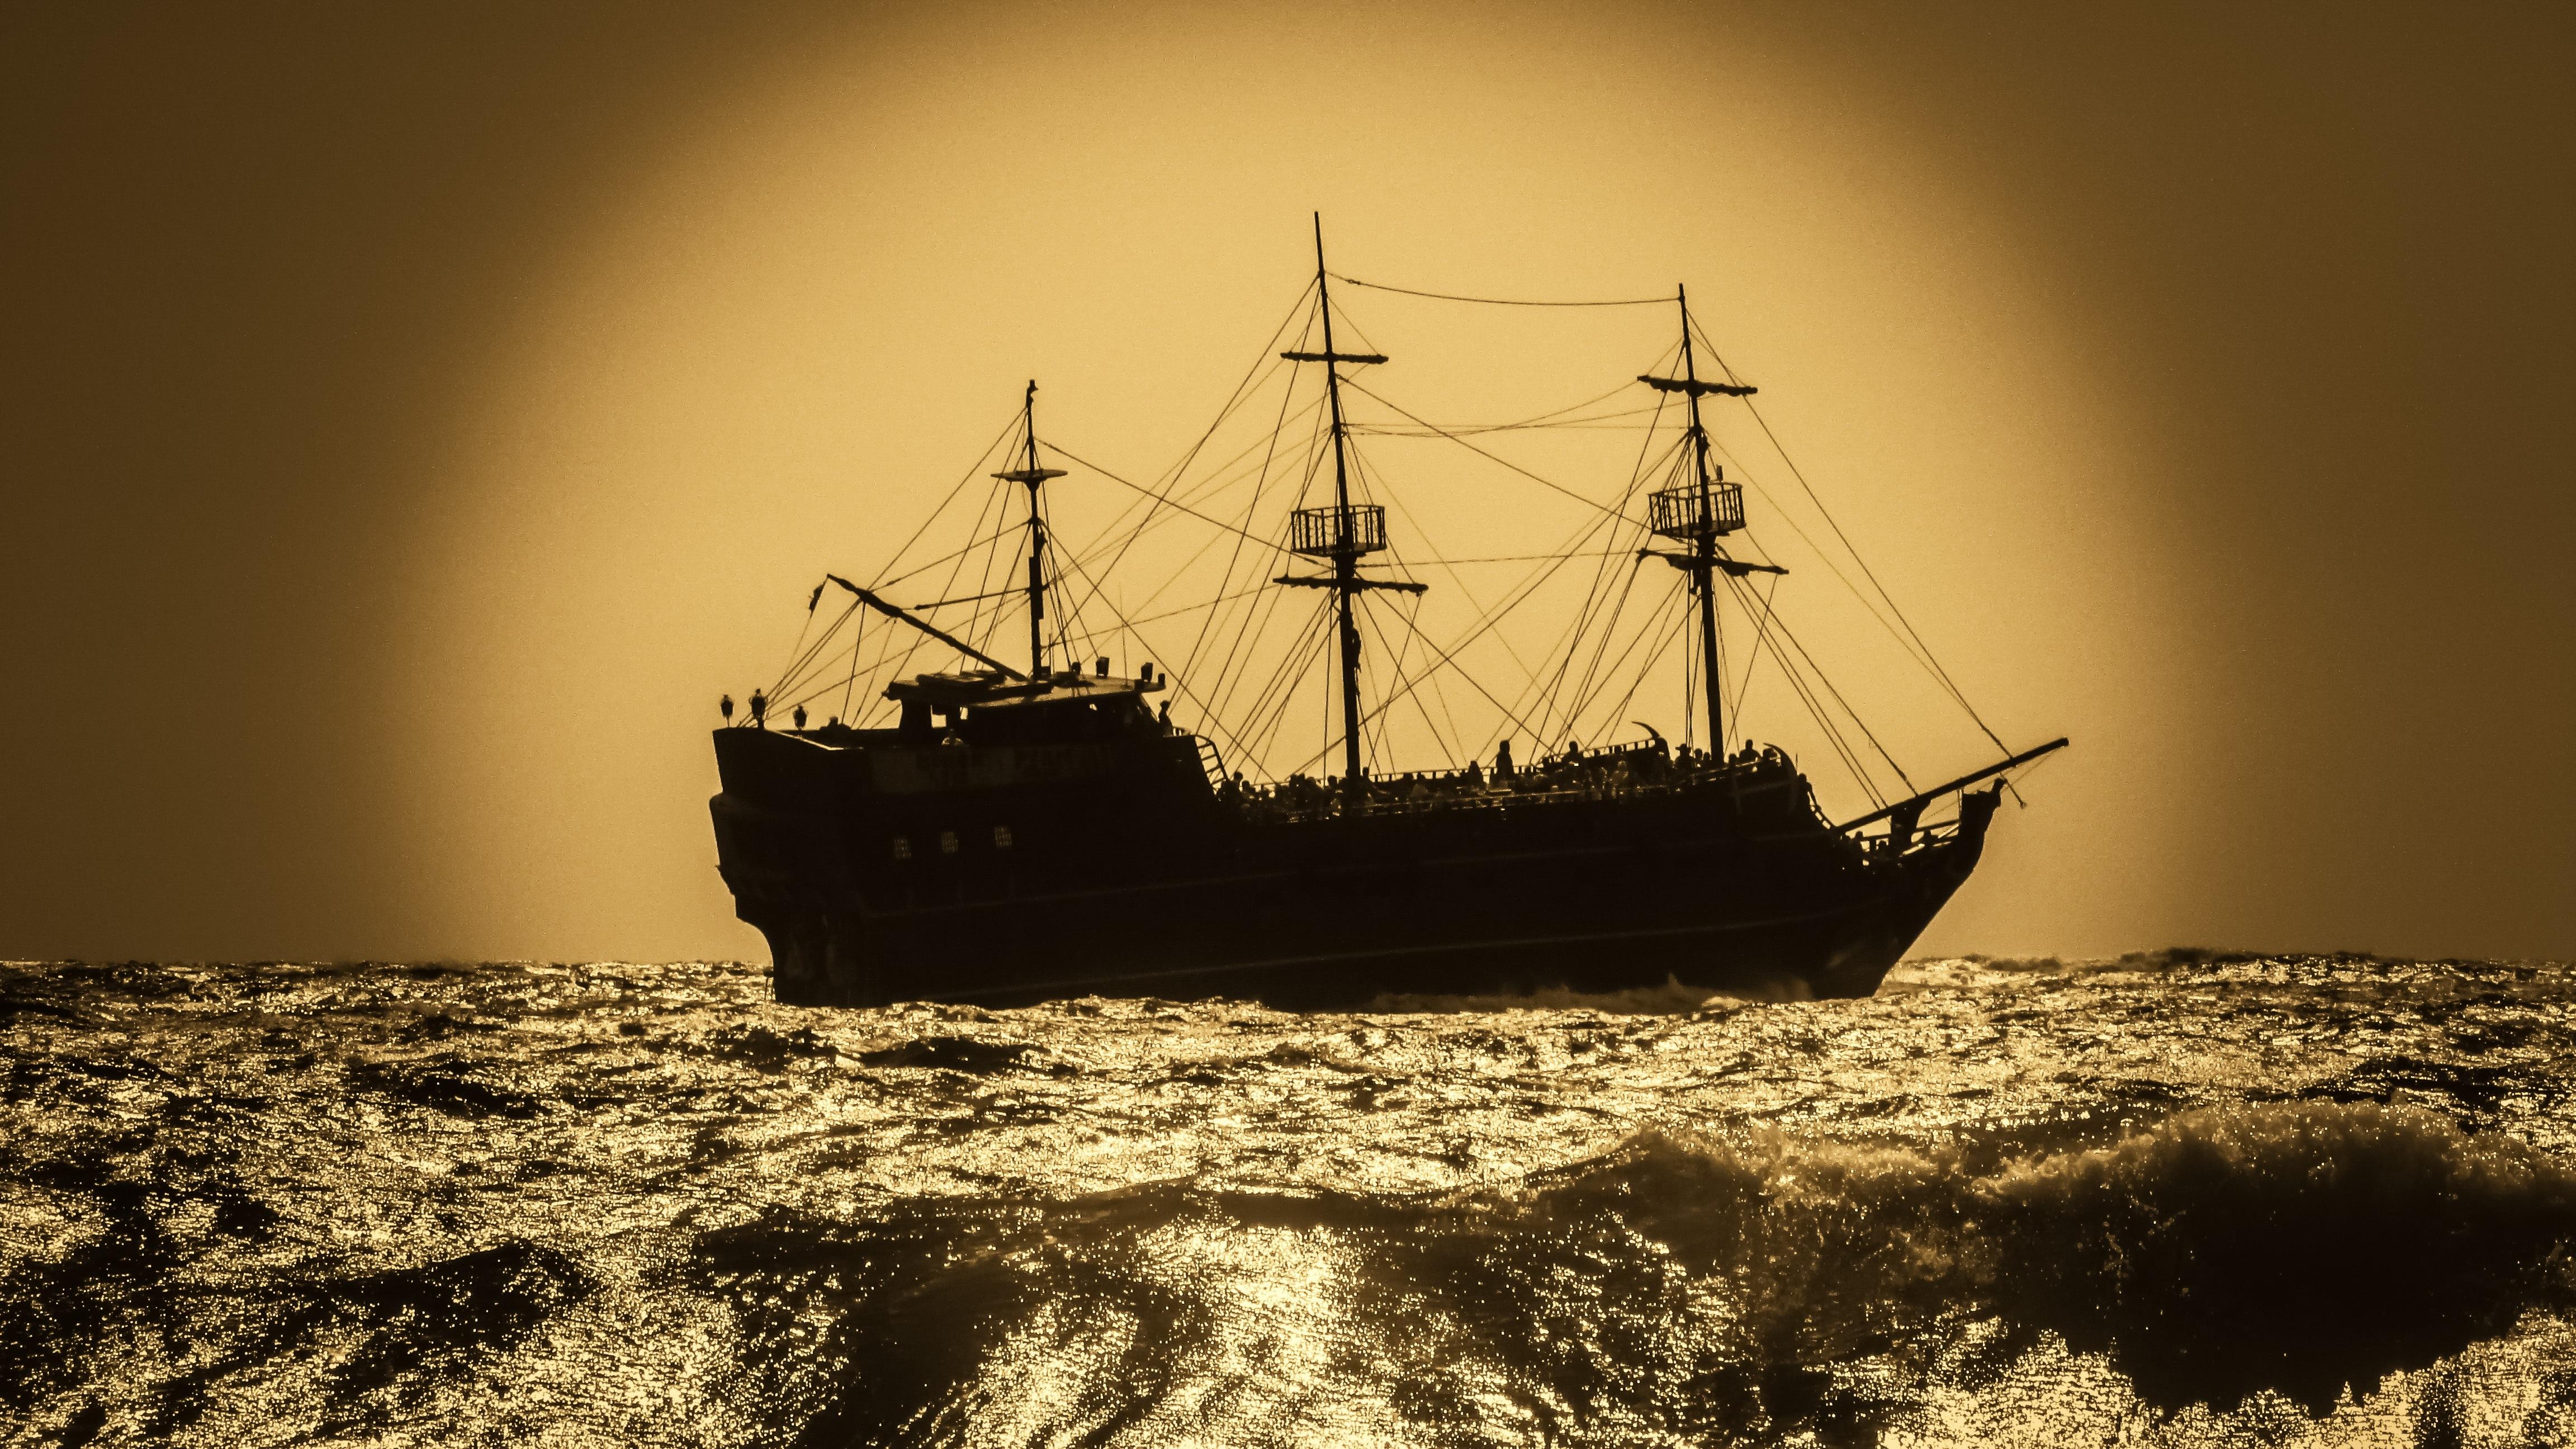 Gambar Lautan Petualangan Kendaraan Perahu Layar Kapal Perang